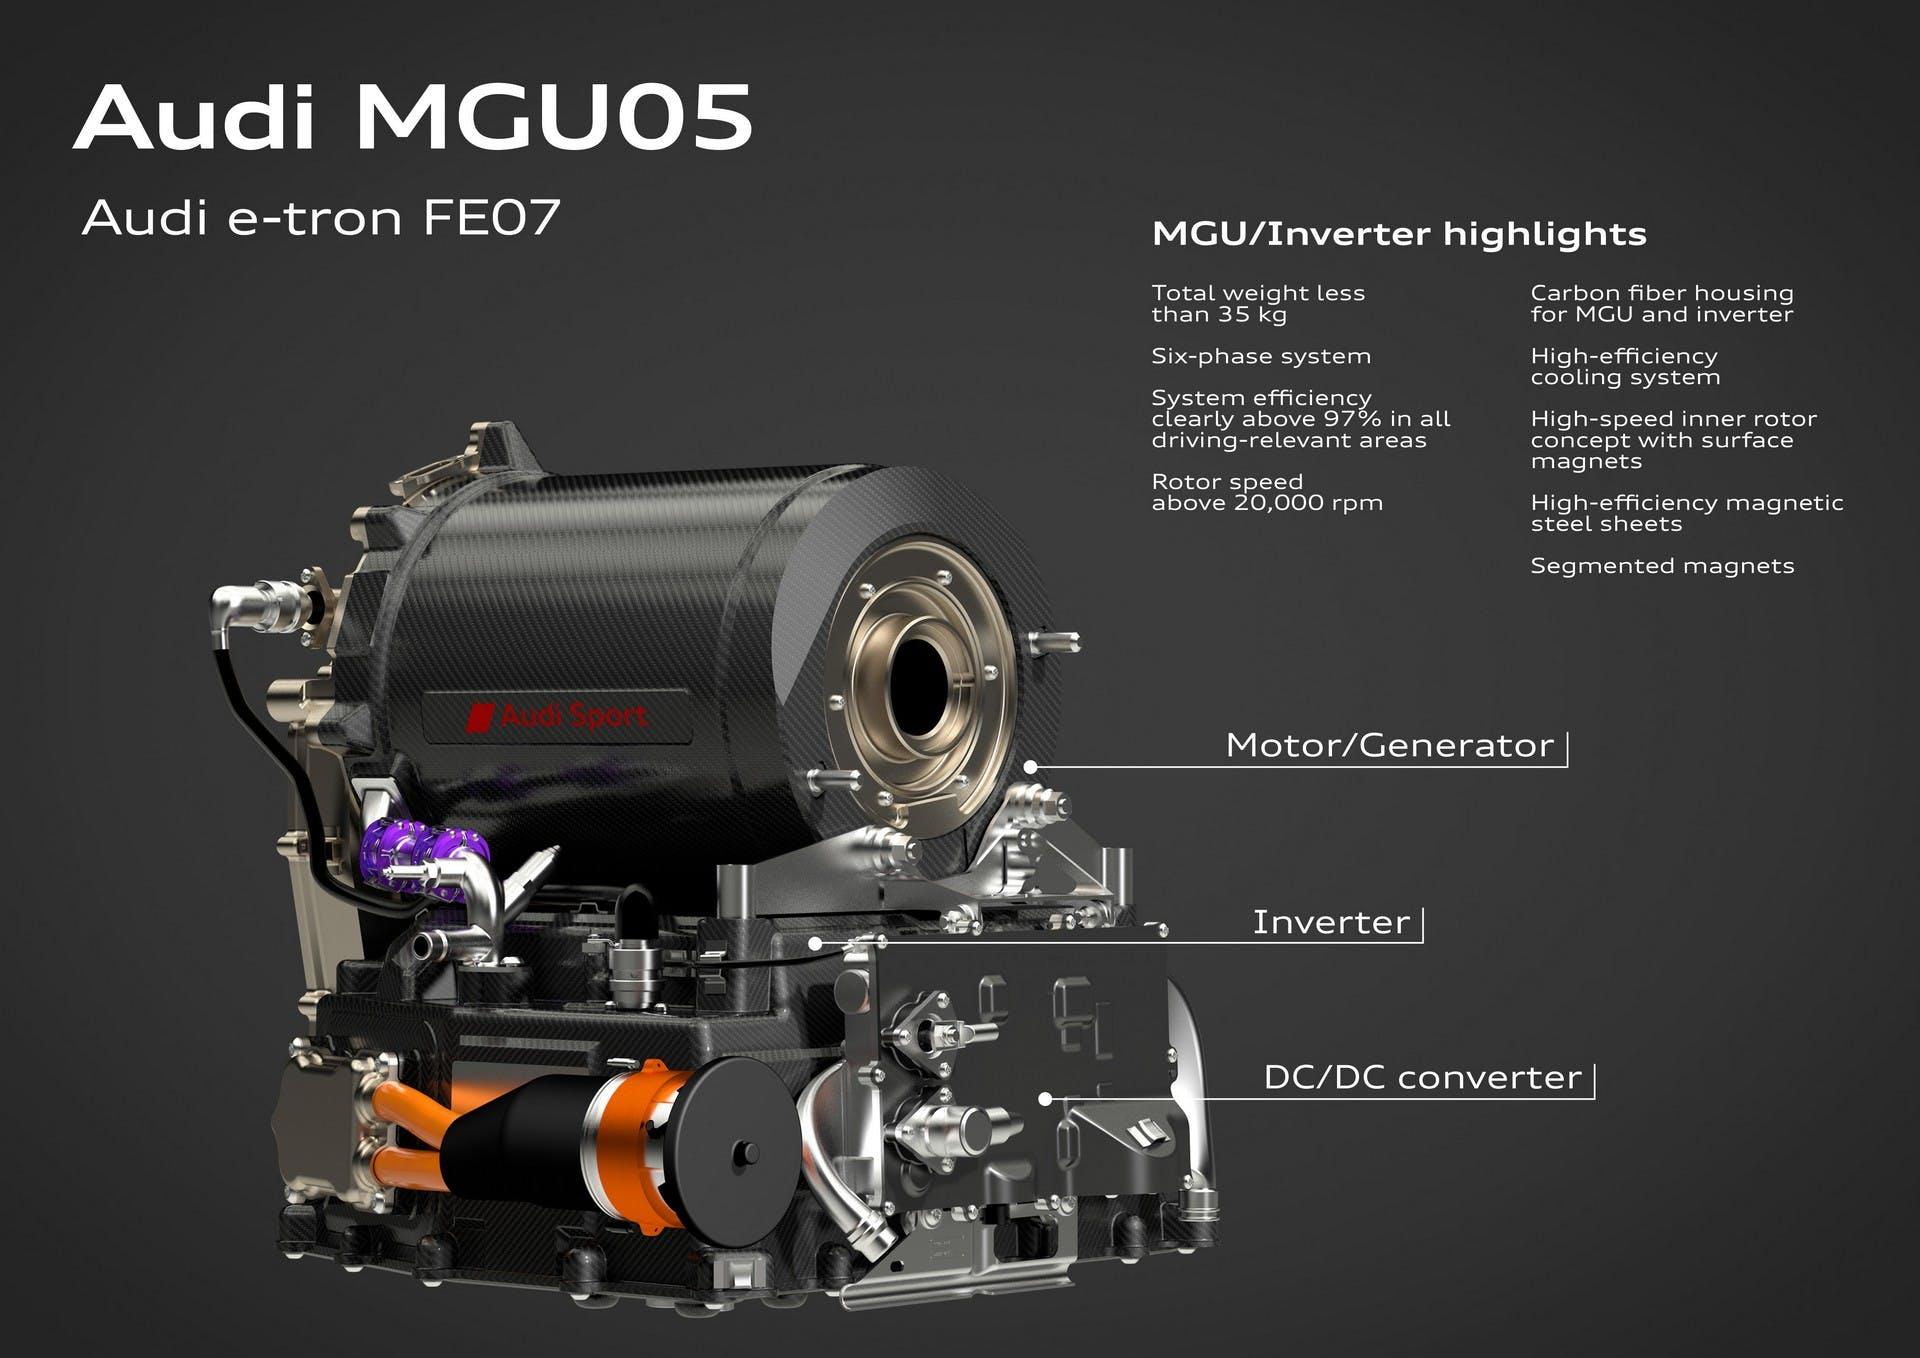 Audi MGU05